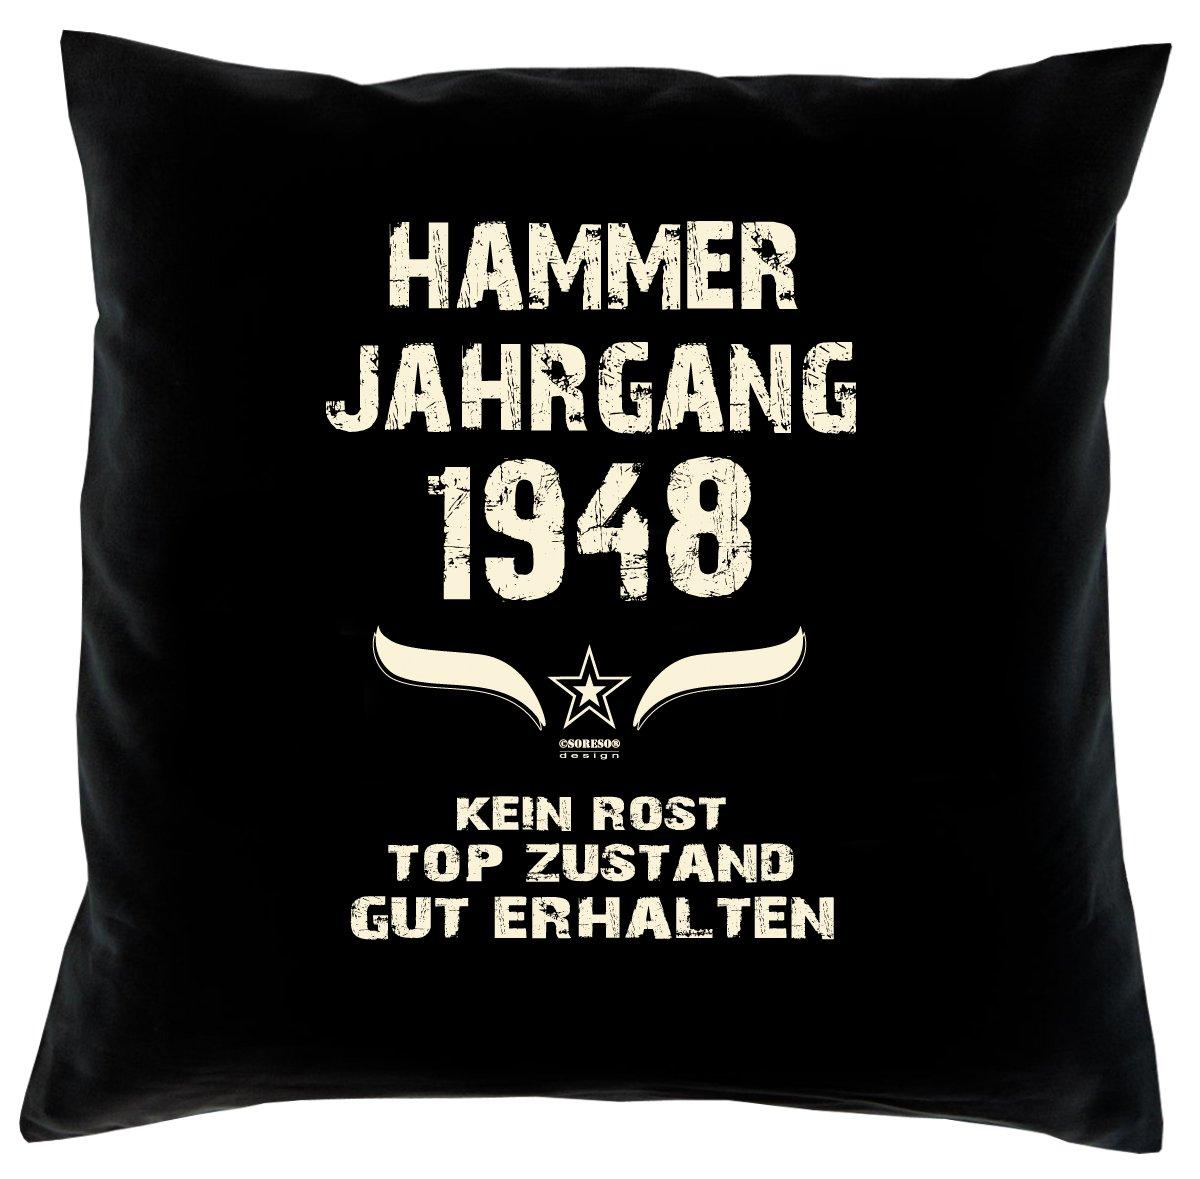 Cooles – Fun – Kissen – Sitzkissen – Zum 68. Geburtstag – Hammer Jahrgang 1948 Farbe: Schwarz – Größe: 40 x 40 cm bestellen